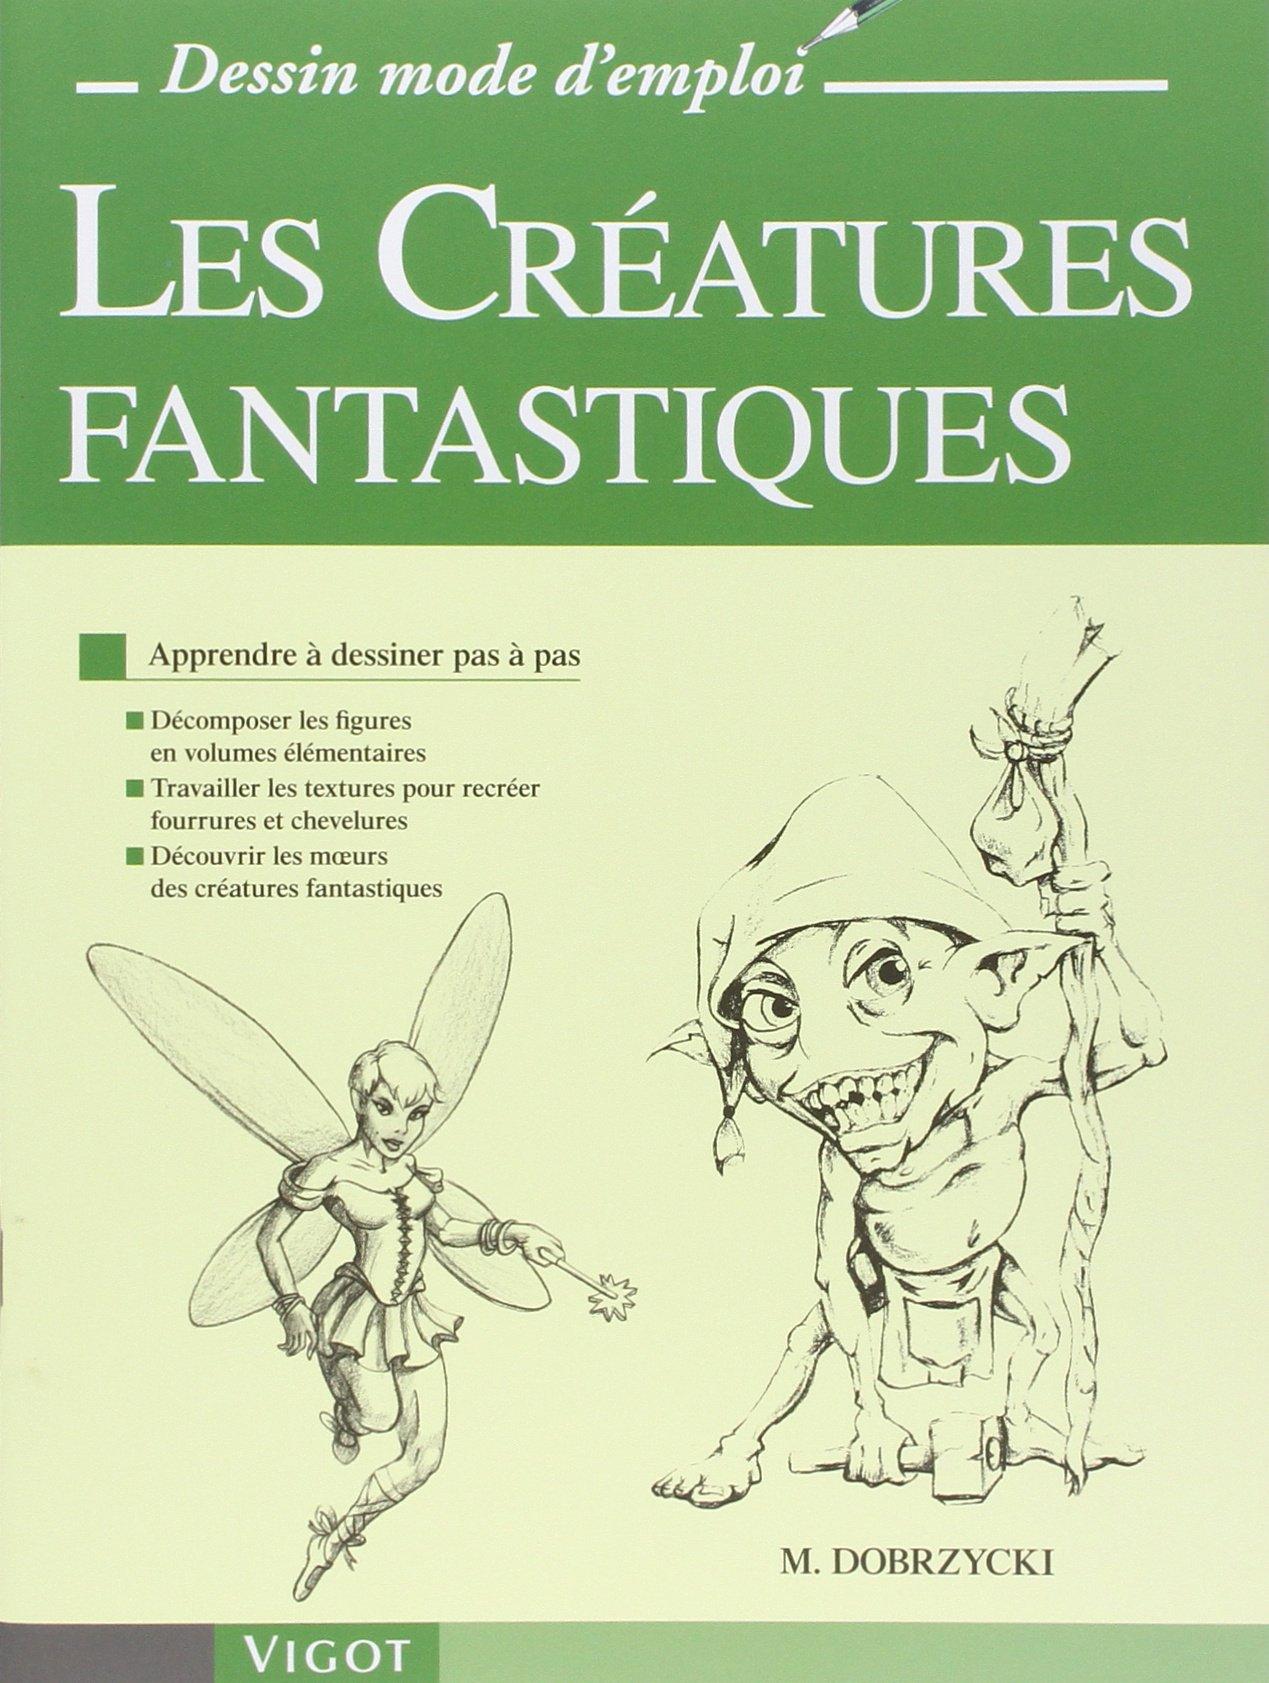 Amazon Fr Les Creatures Fantastiques Apprendre A Dessiner Pas